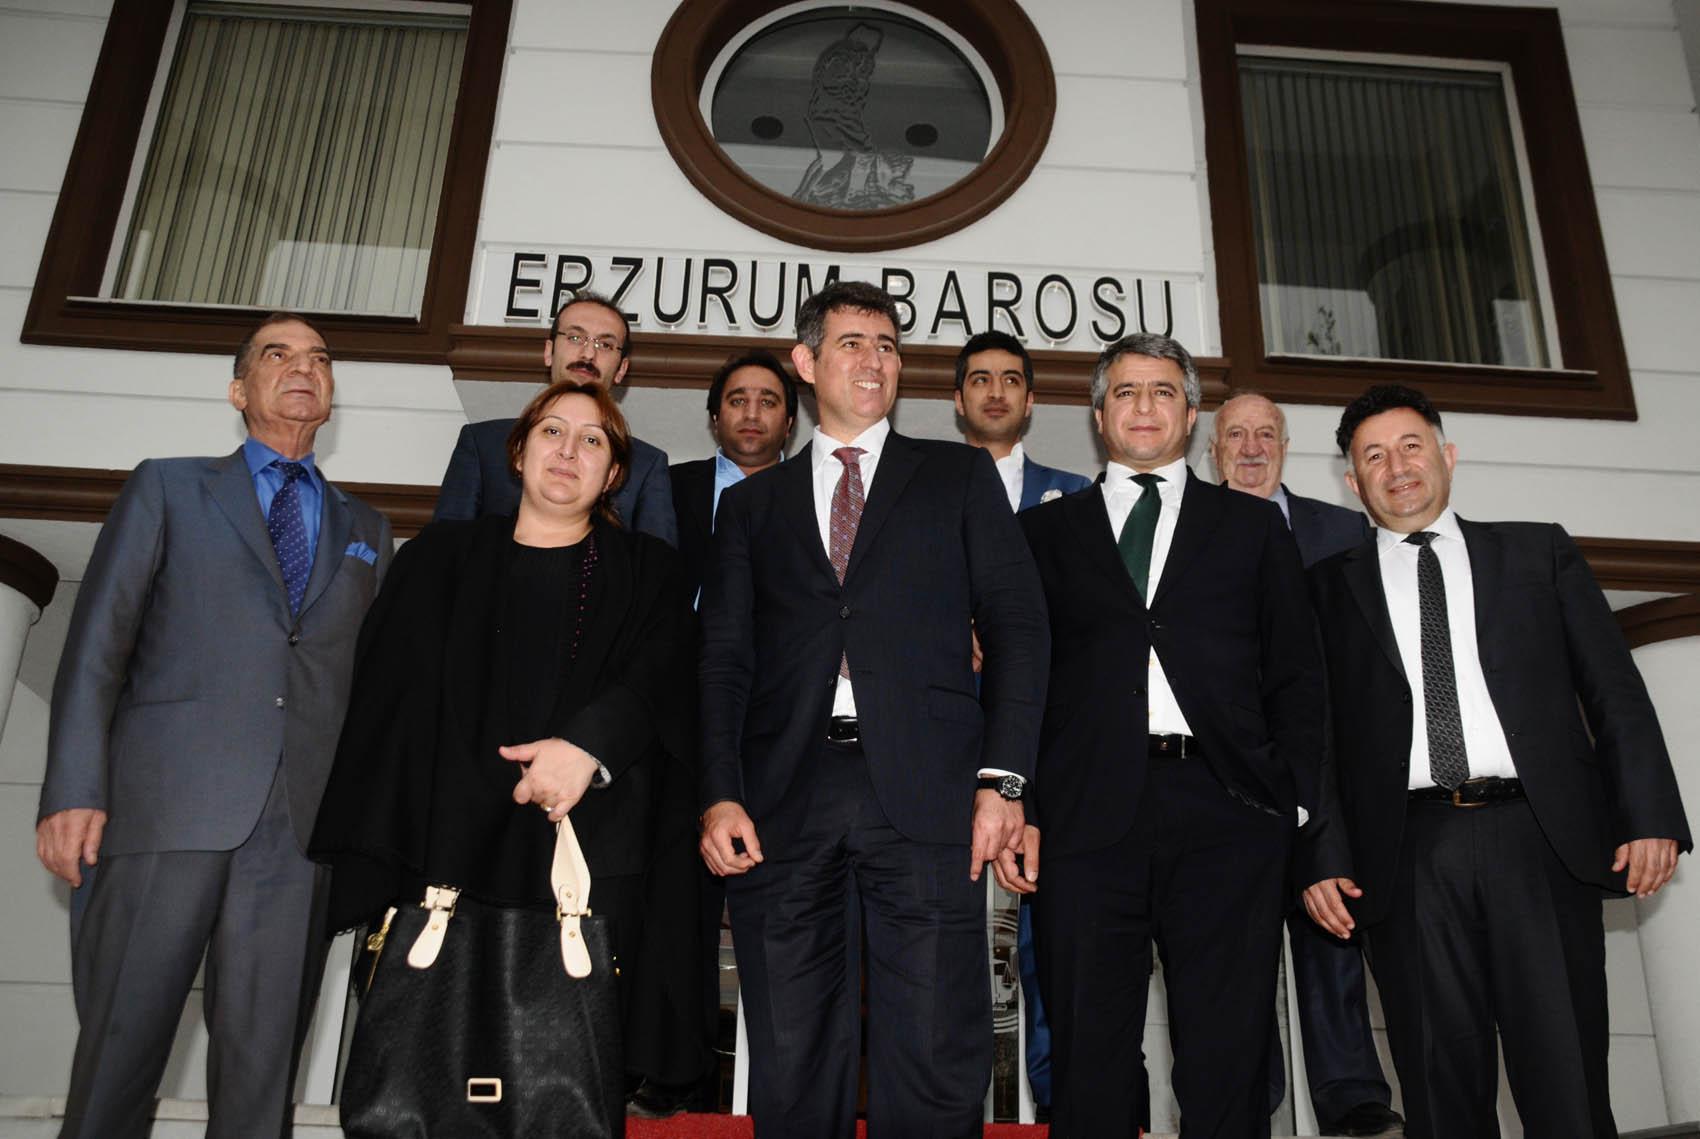 Türkiye Barolar Birliği Başkanı Av. Prof. Dr. Metin Feyzioğlu Erzurum'da bir dizi ziyaret gerçekleştirdi.